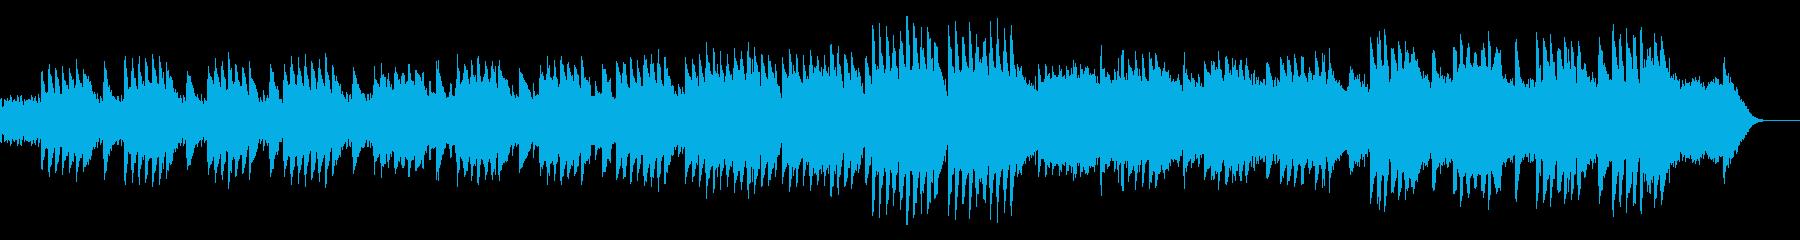 きらきらしたオルゴールのオリジナル曲の再生済みの波形